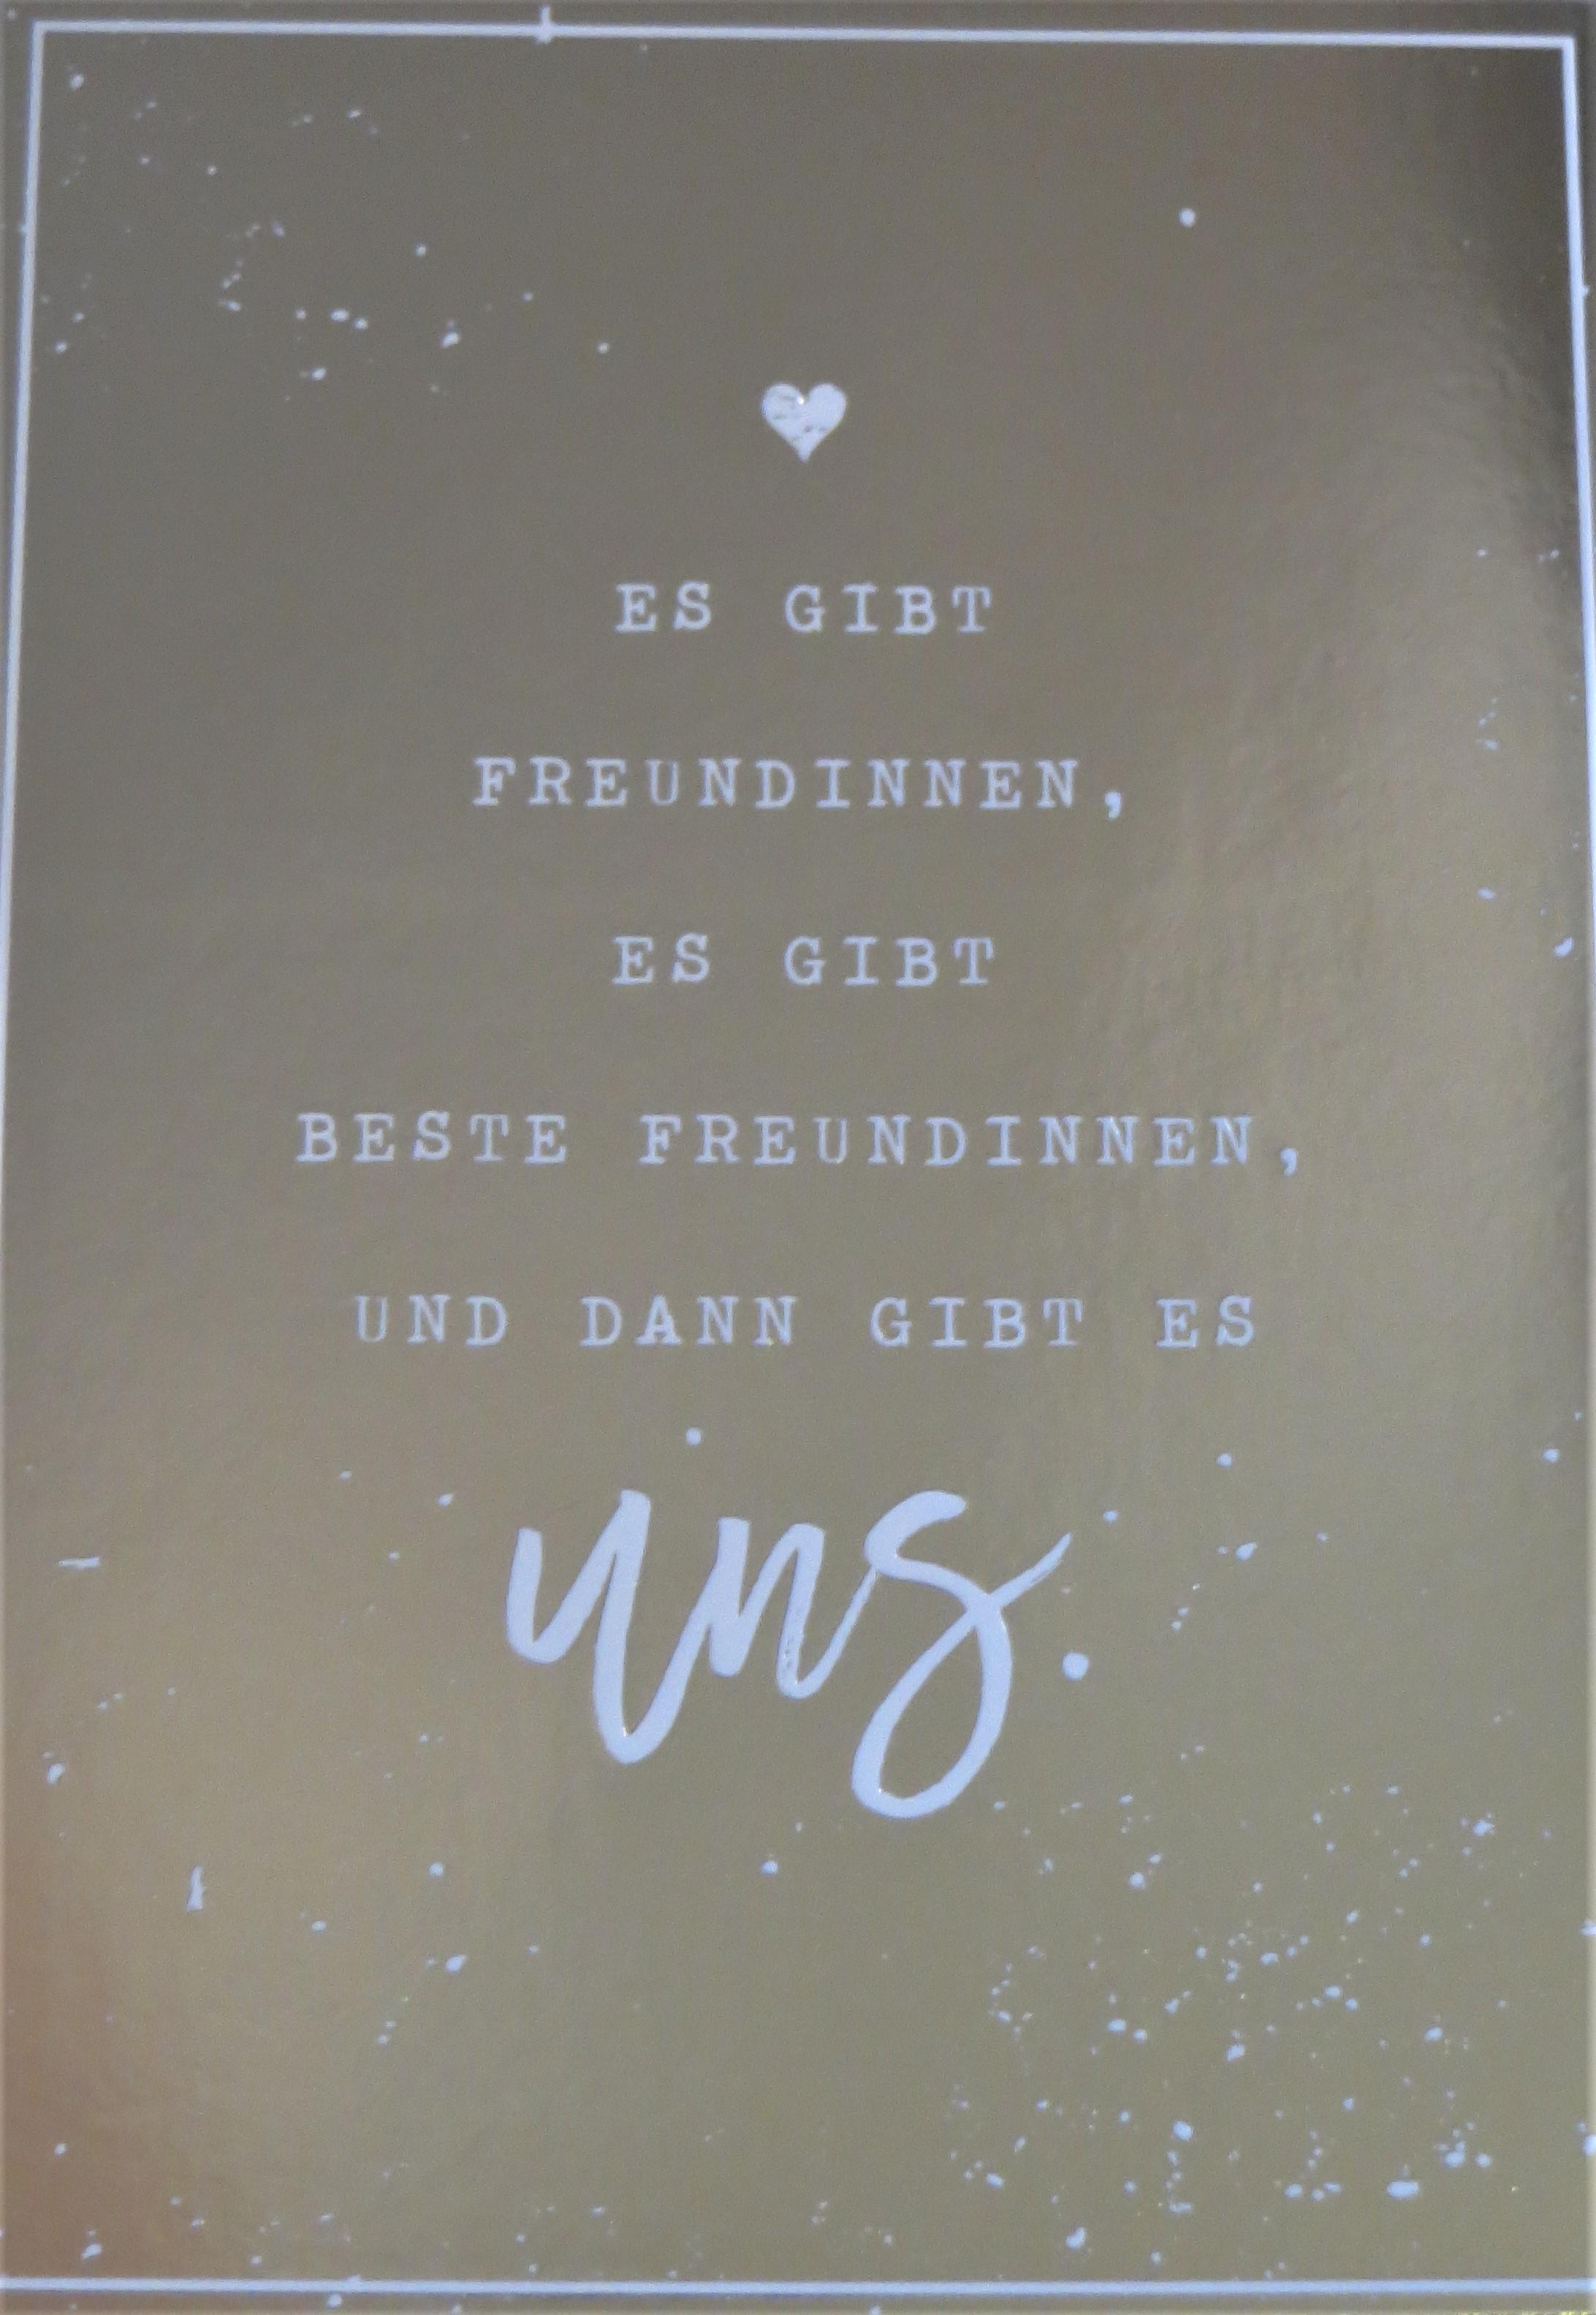 Nützlichgrusskarten - Postkarte Es gibt Freundinnen es gibt beste Freundinnen und dann gibt es uns. VintageArt - Onlineshop Tante Emmer